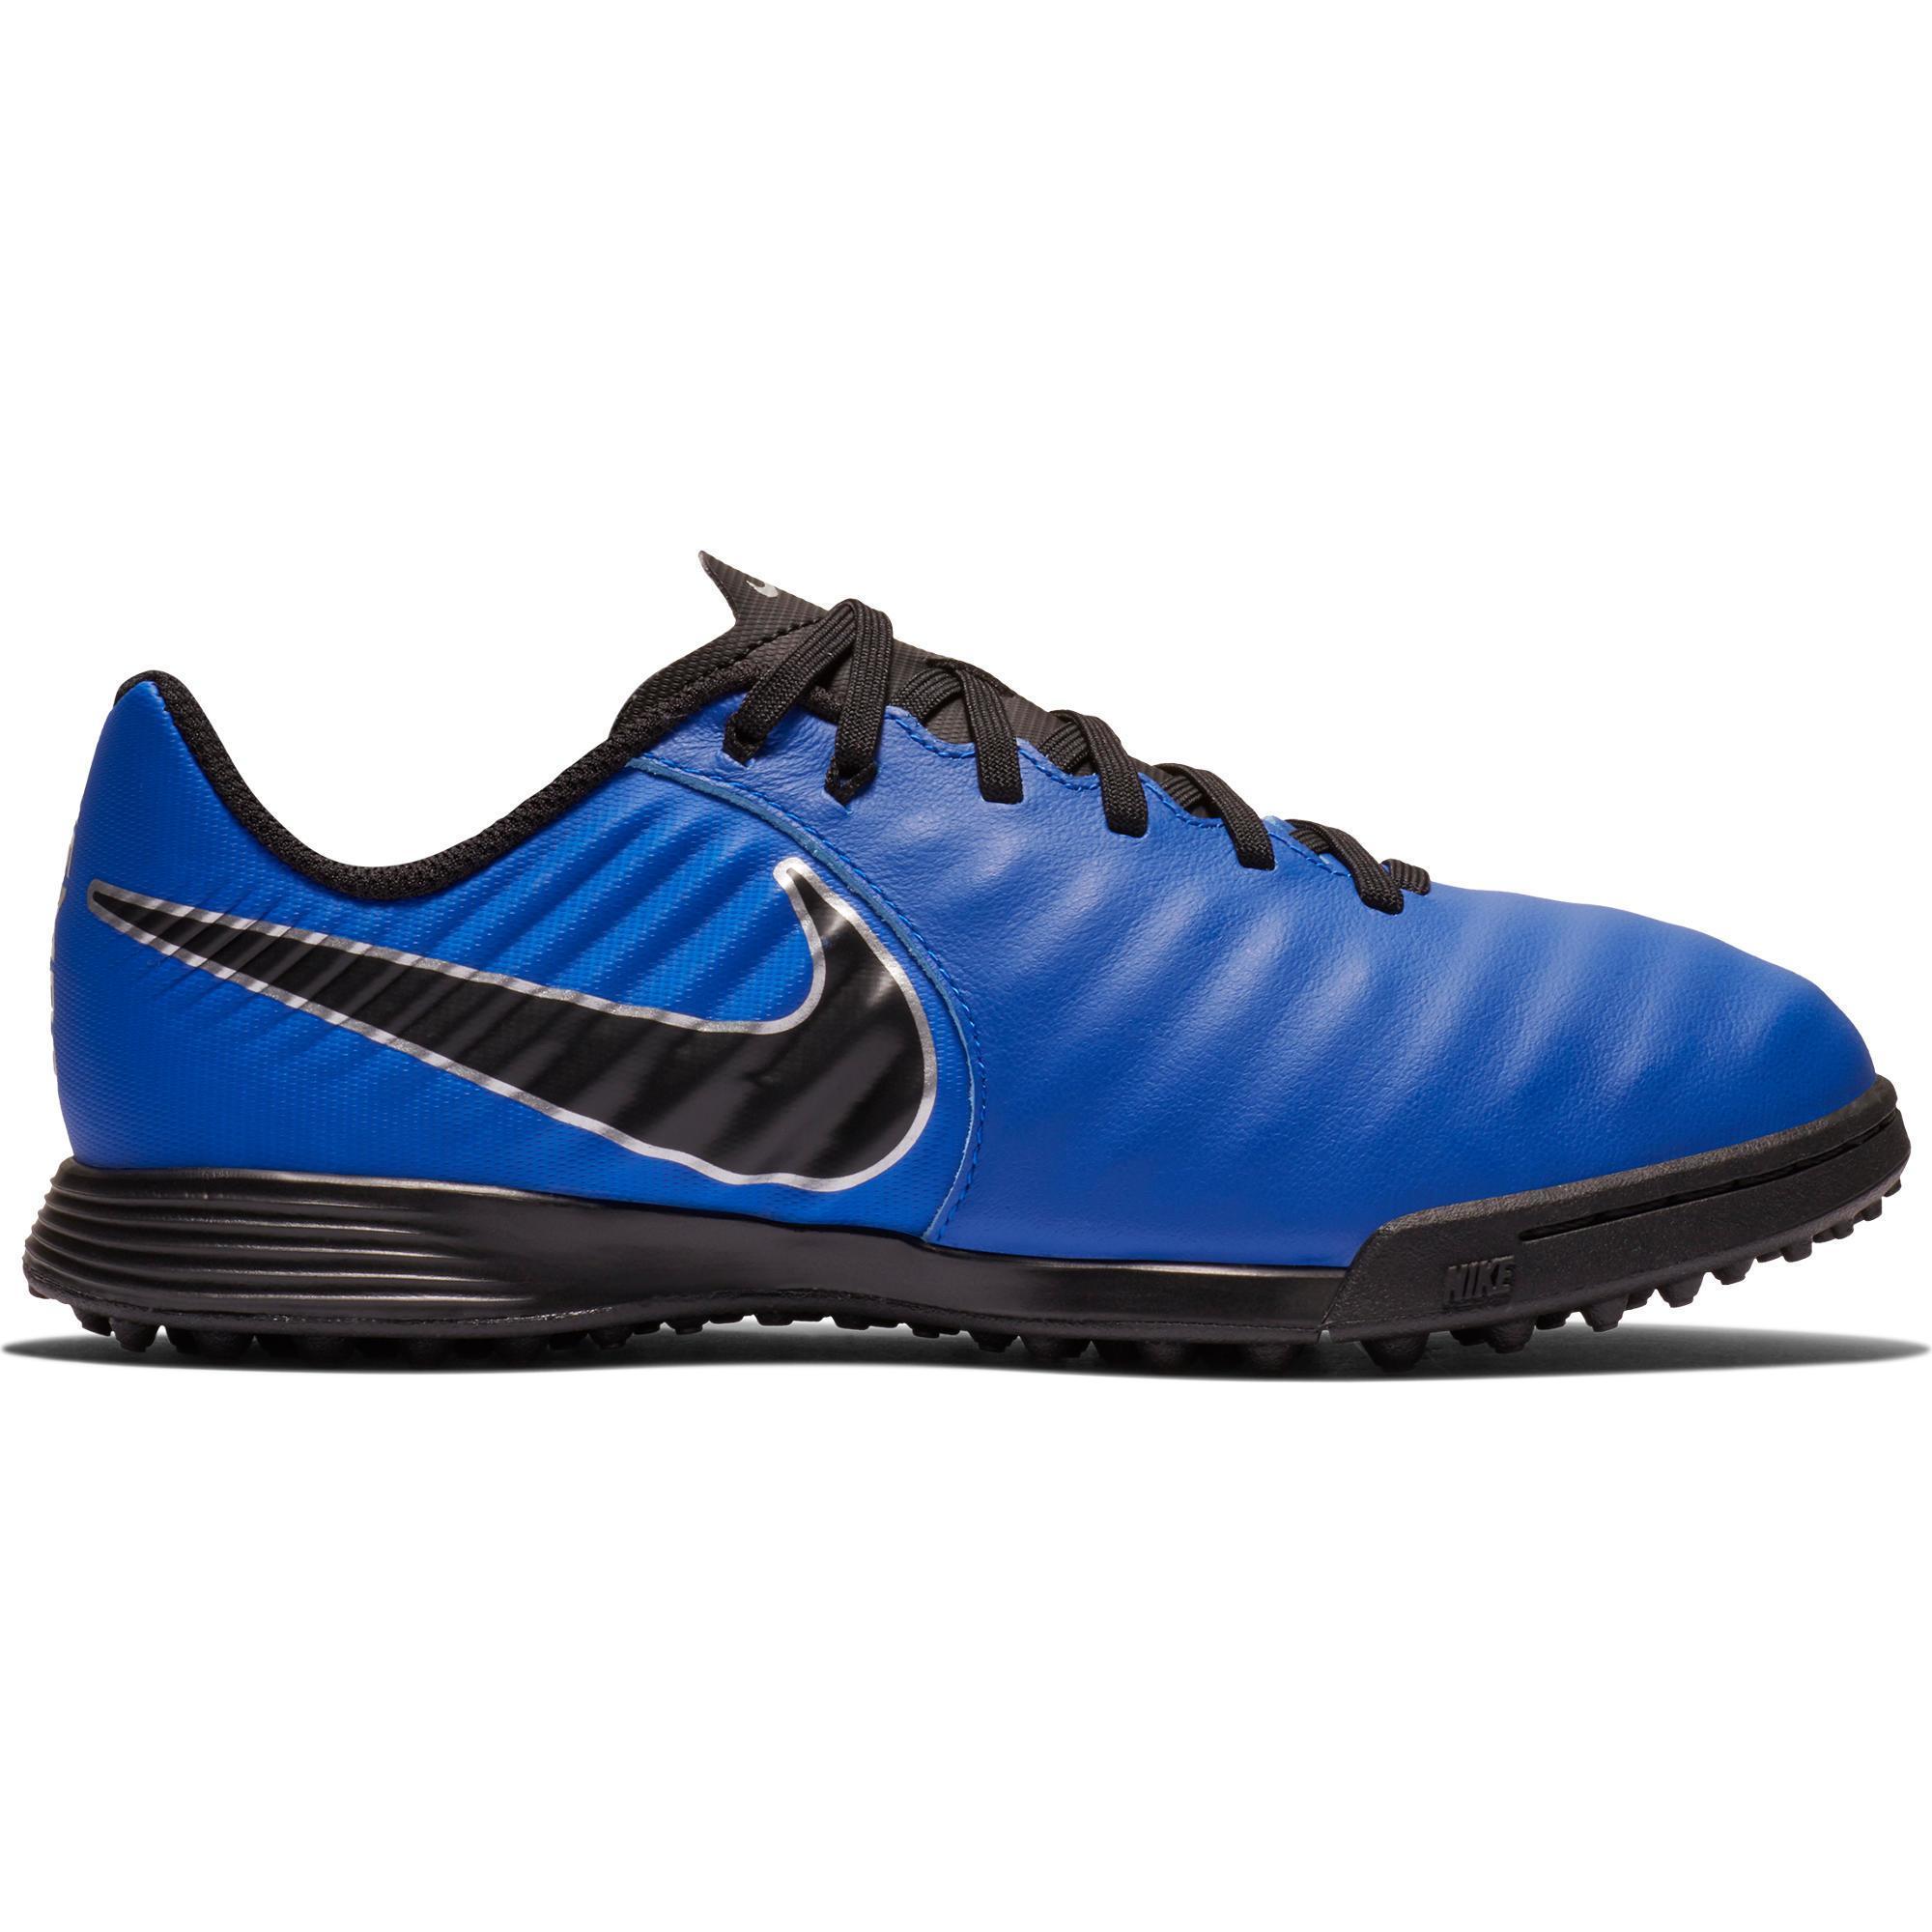 daea447495a60 Comprar Botas de Fútbol online